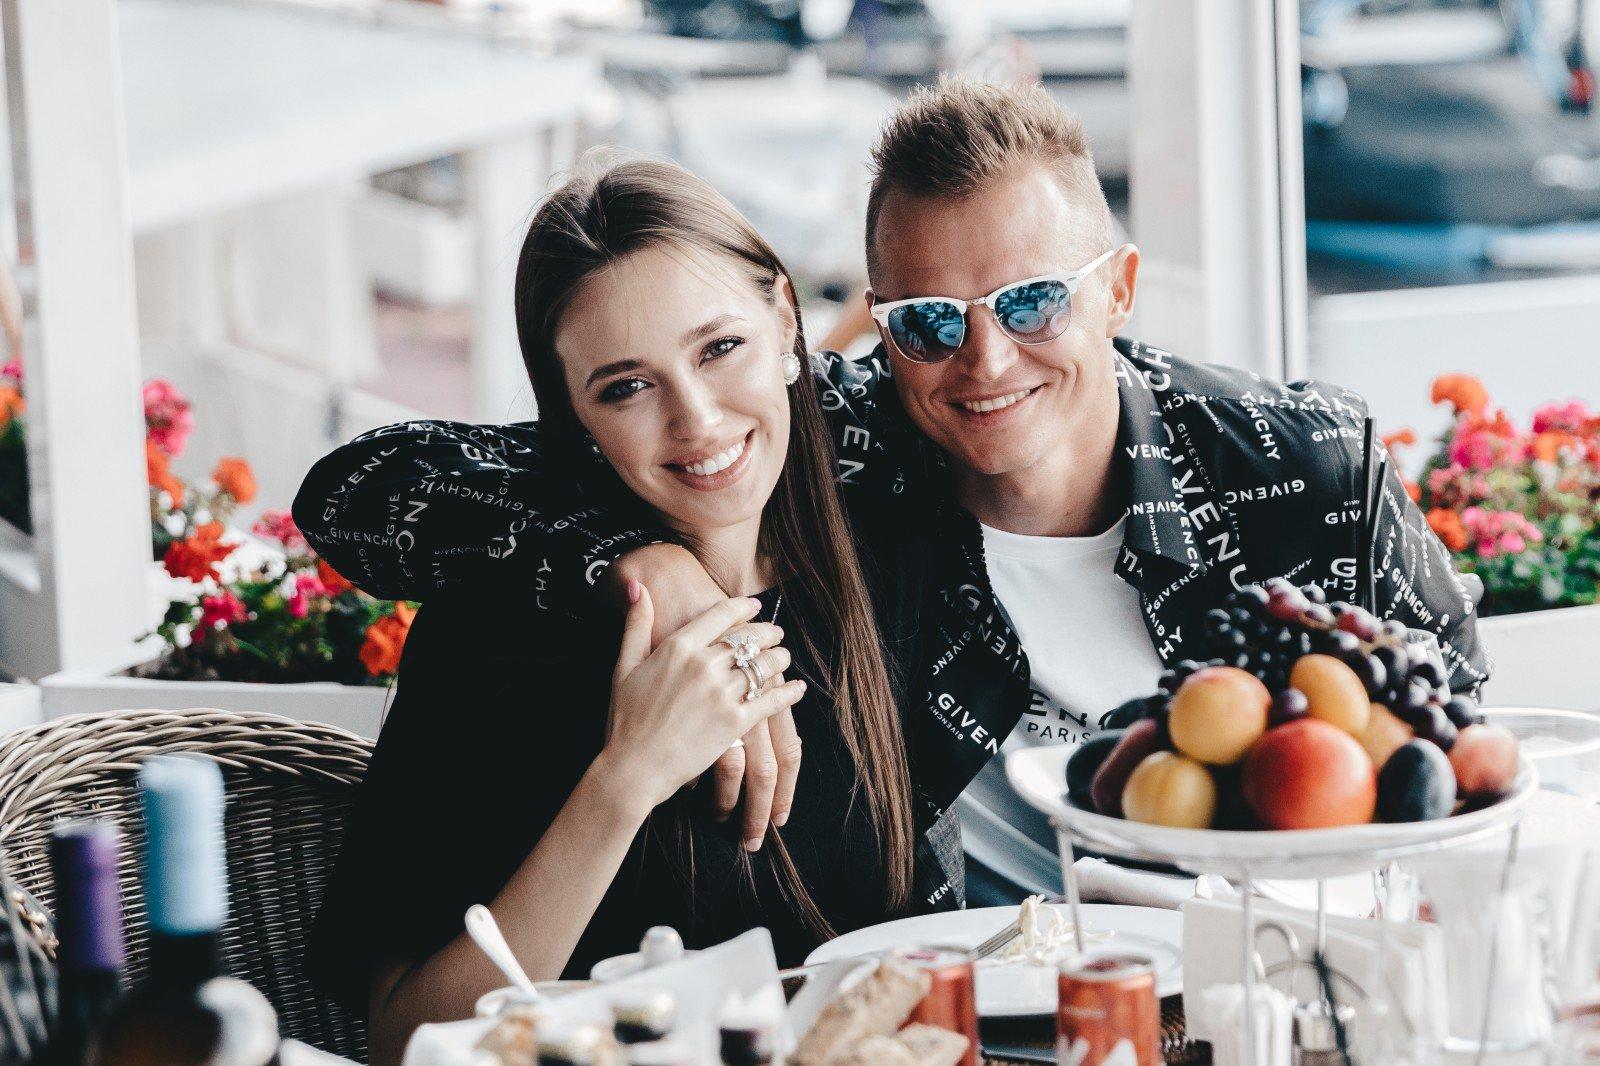 Юлия Барановская  с шоколадным загаром и Тарасов с любимой женой: звезды приобщились к фитнесу